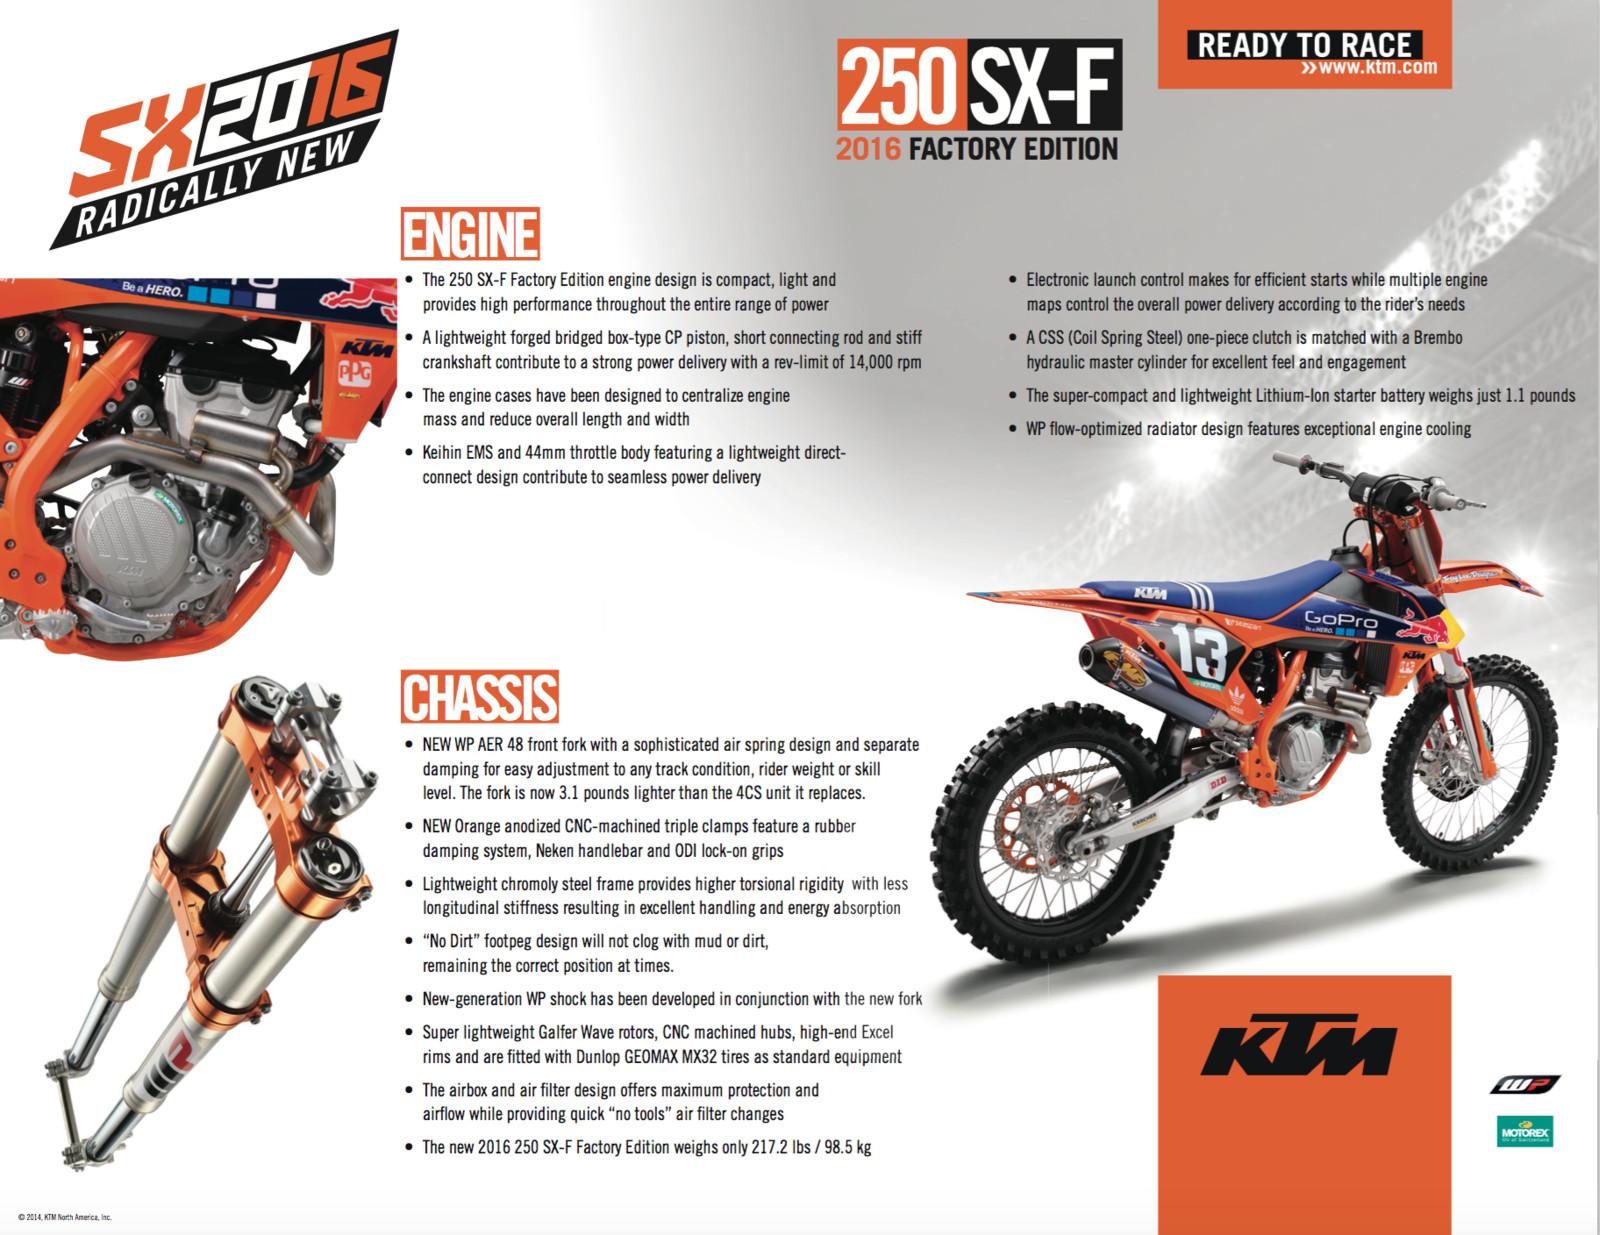 2016 ktm 250 sx-f factory edition - reviews, comparisons, specs